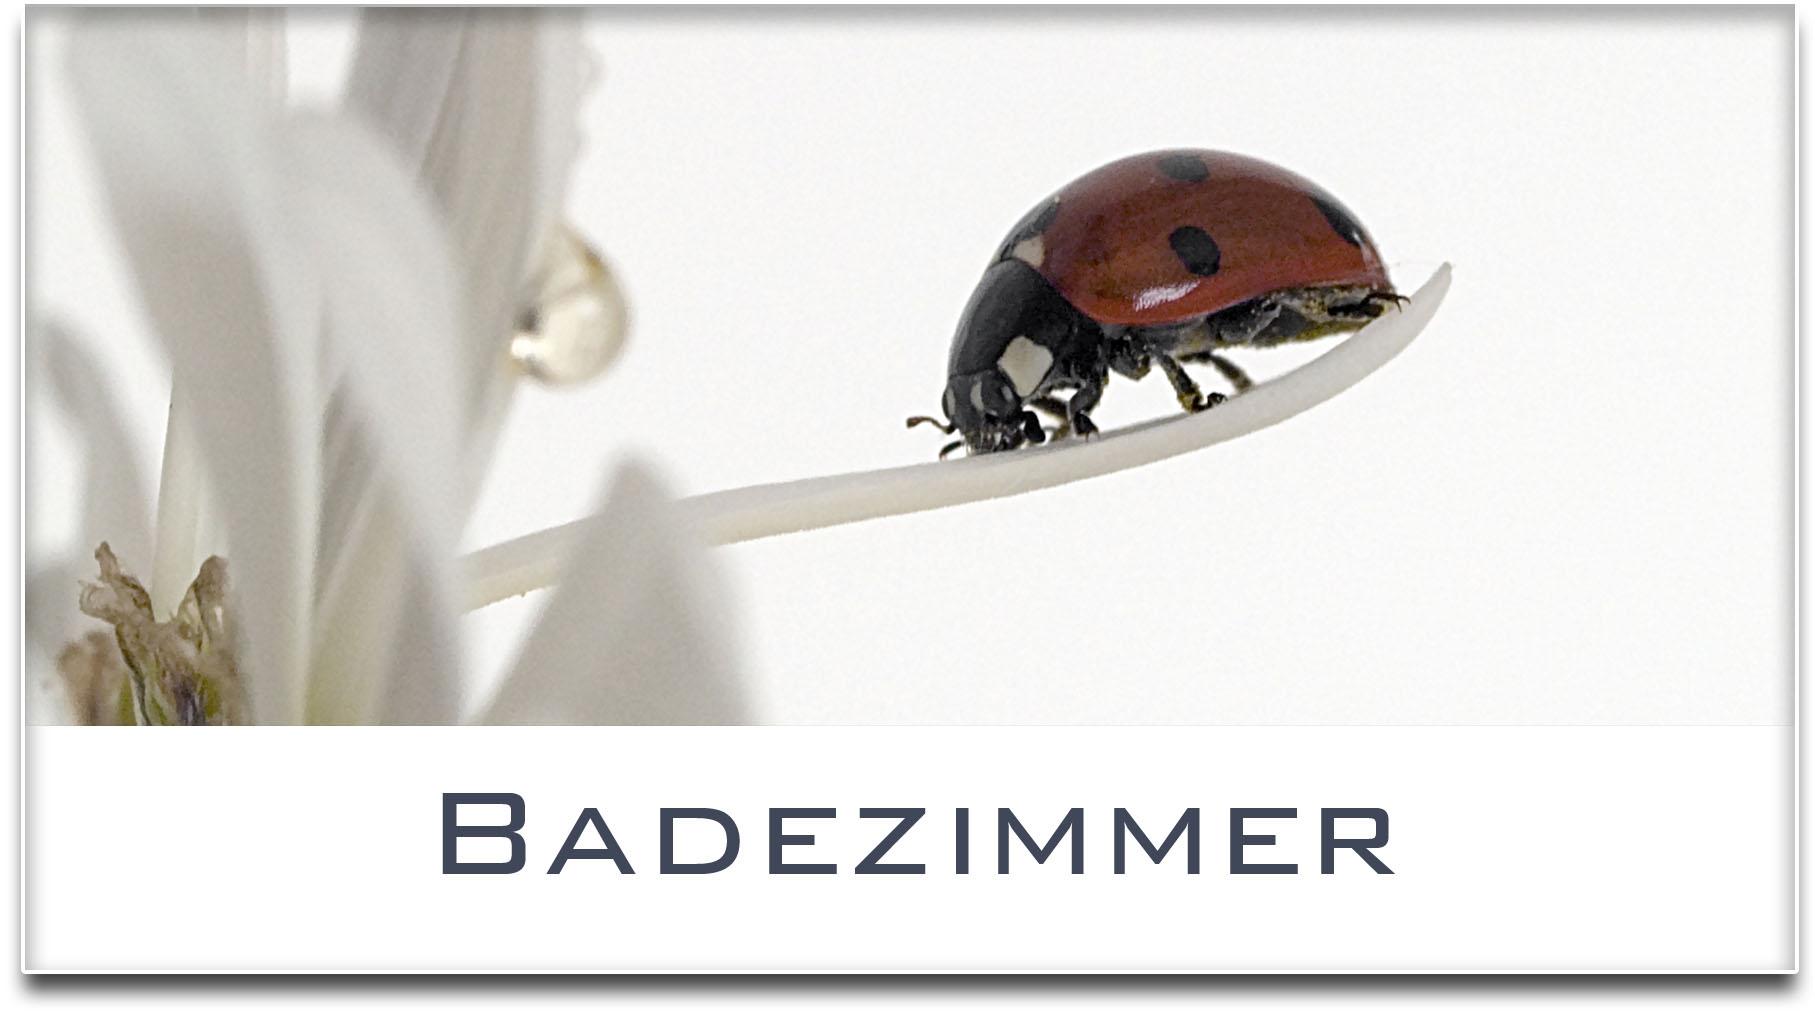 Türschild / Haustürschild / Marienkäfer / Badezimmer / Selbstklebend